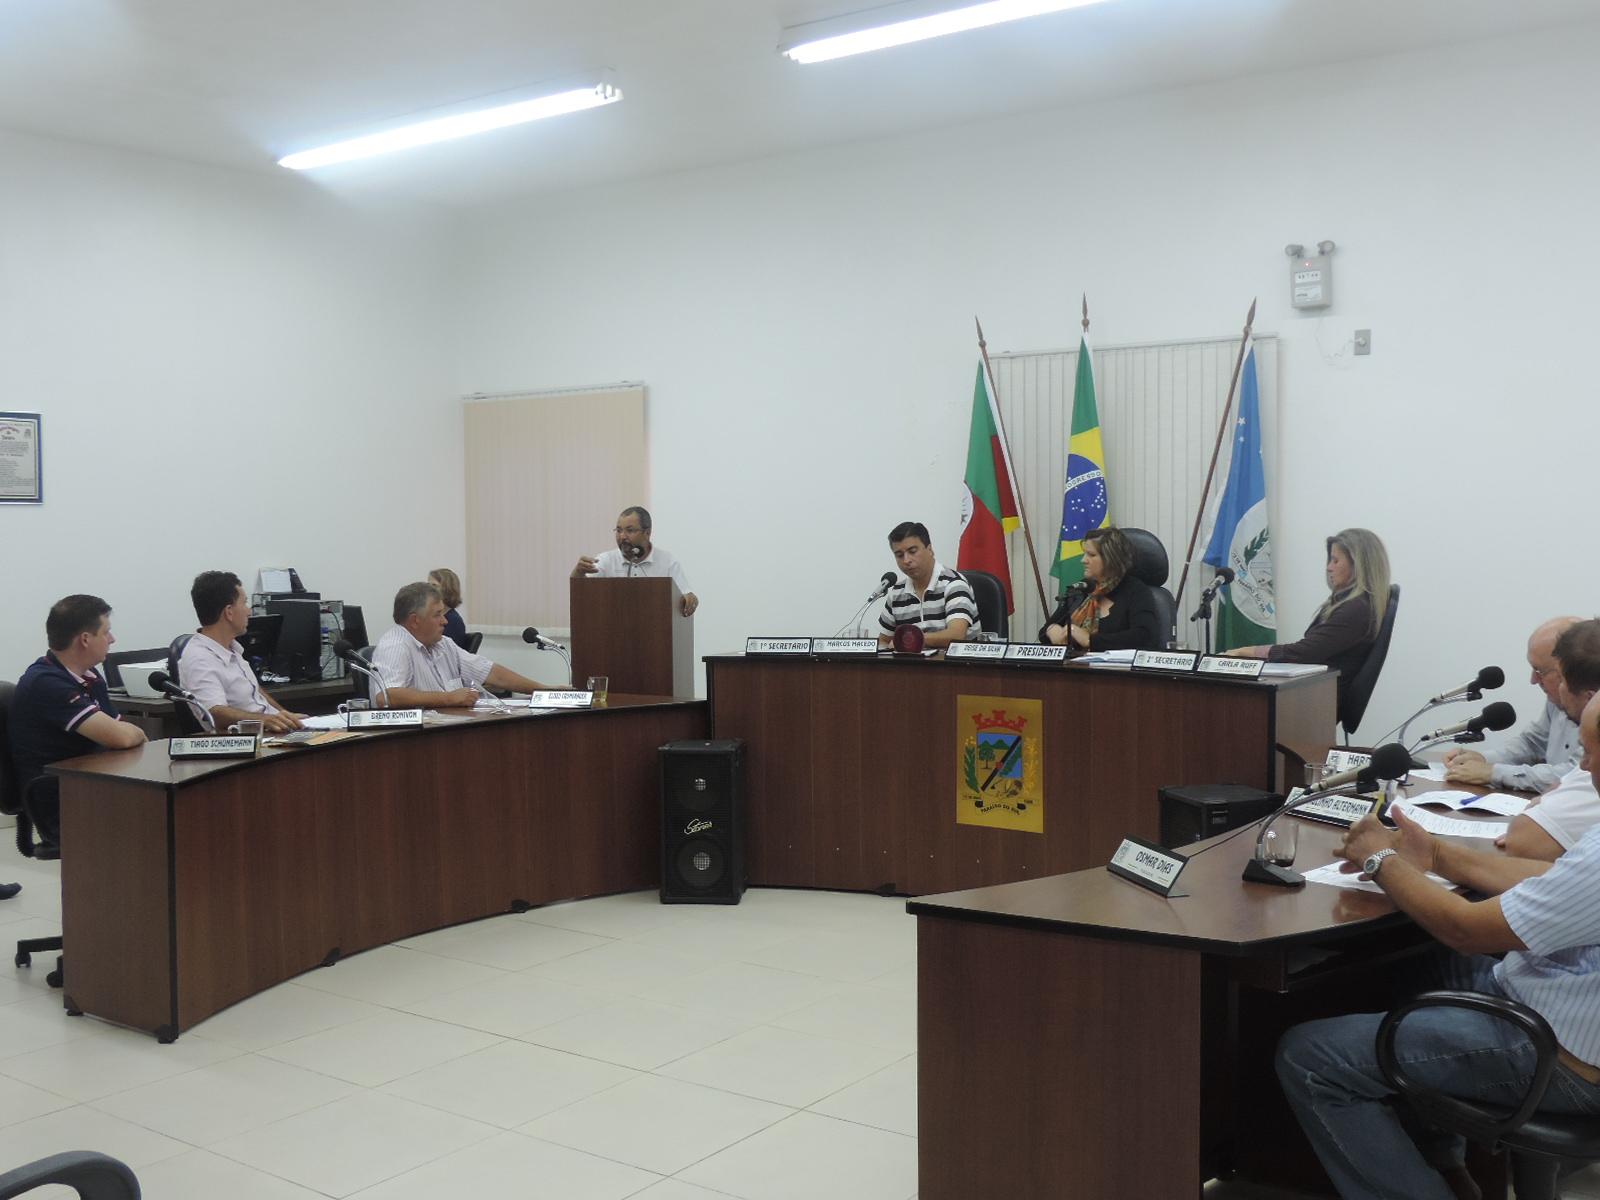 MORADORES DE LINHA CONTENDA PARTICIPAM  DA SESSÃO DE 23 DE NOVEMBRO DE 2015